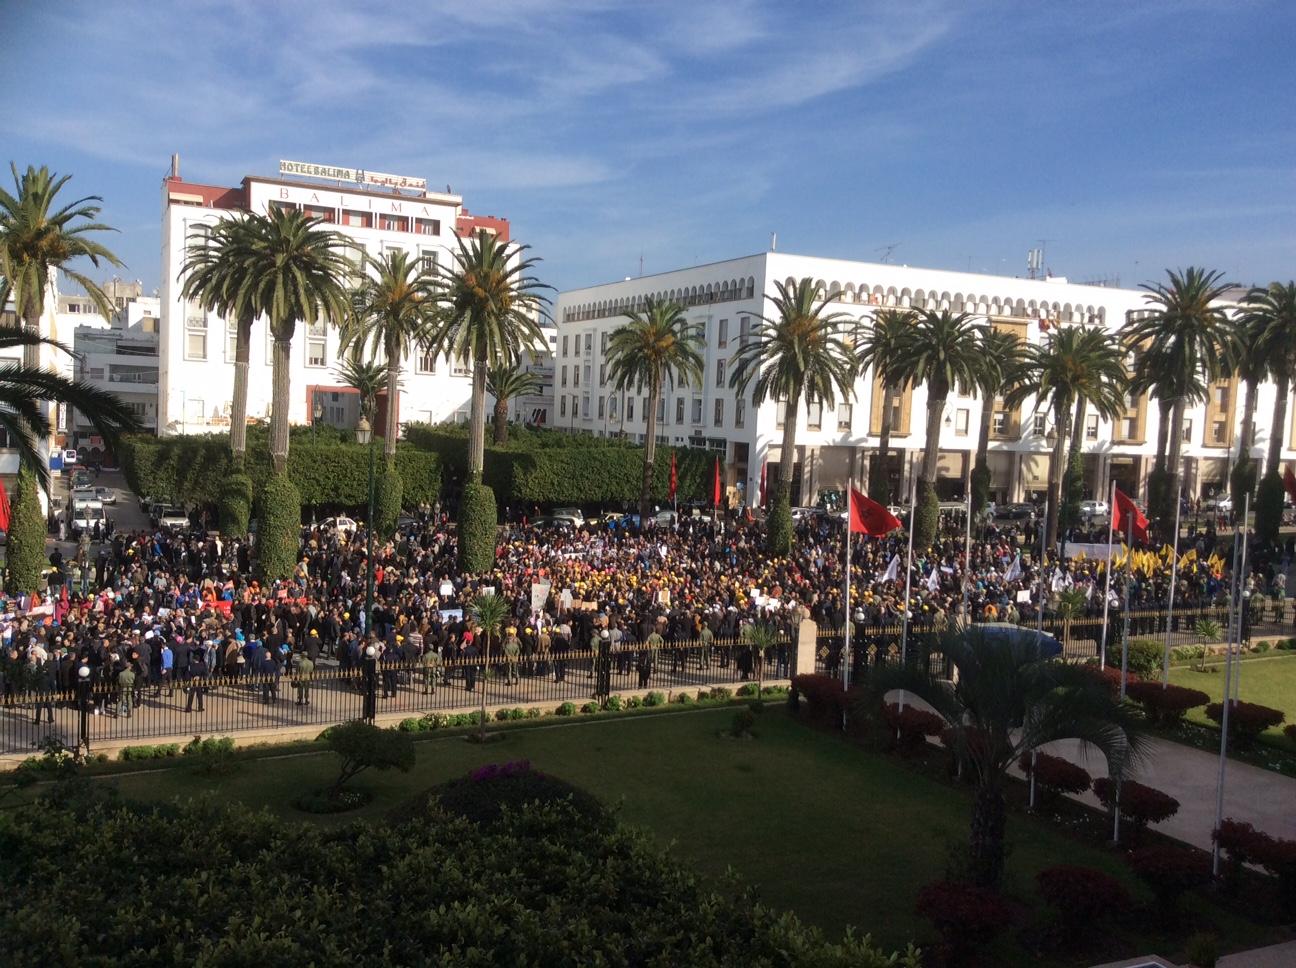 وقفة نقابية حاشدة أمام البرلمان للاحتجاج على قوانين إصلاح التقاعد